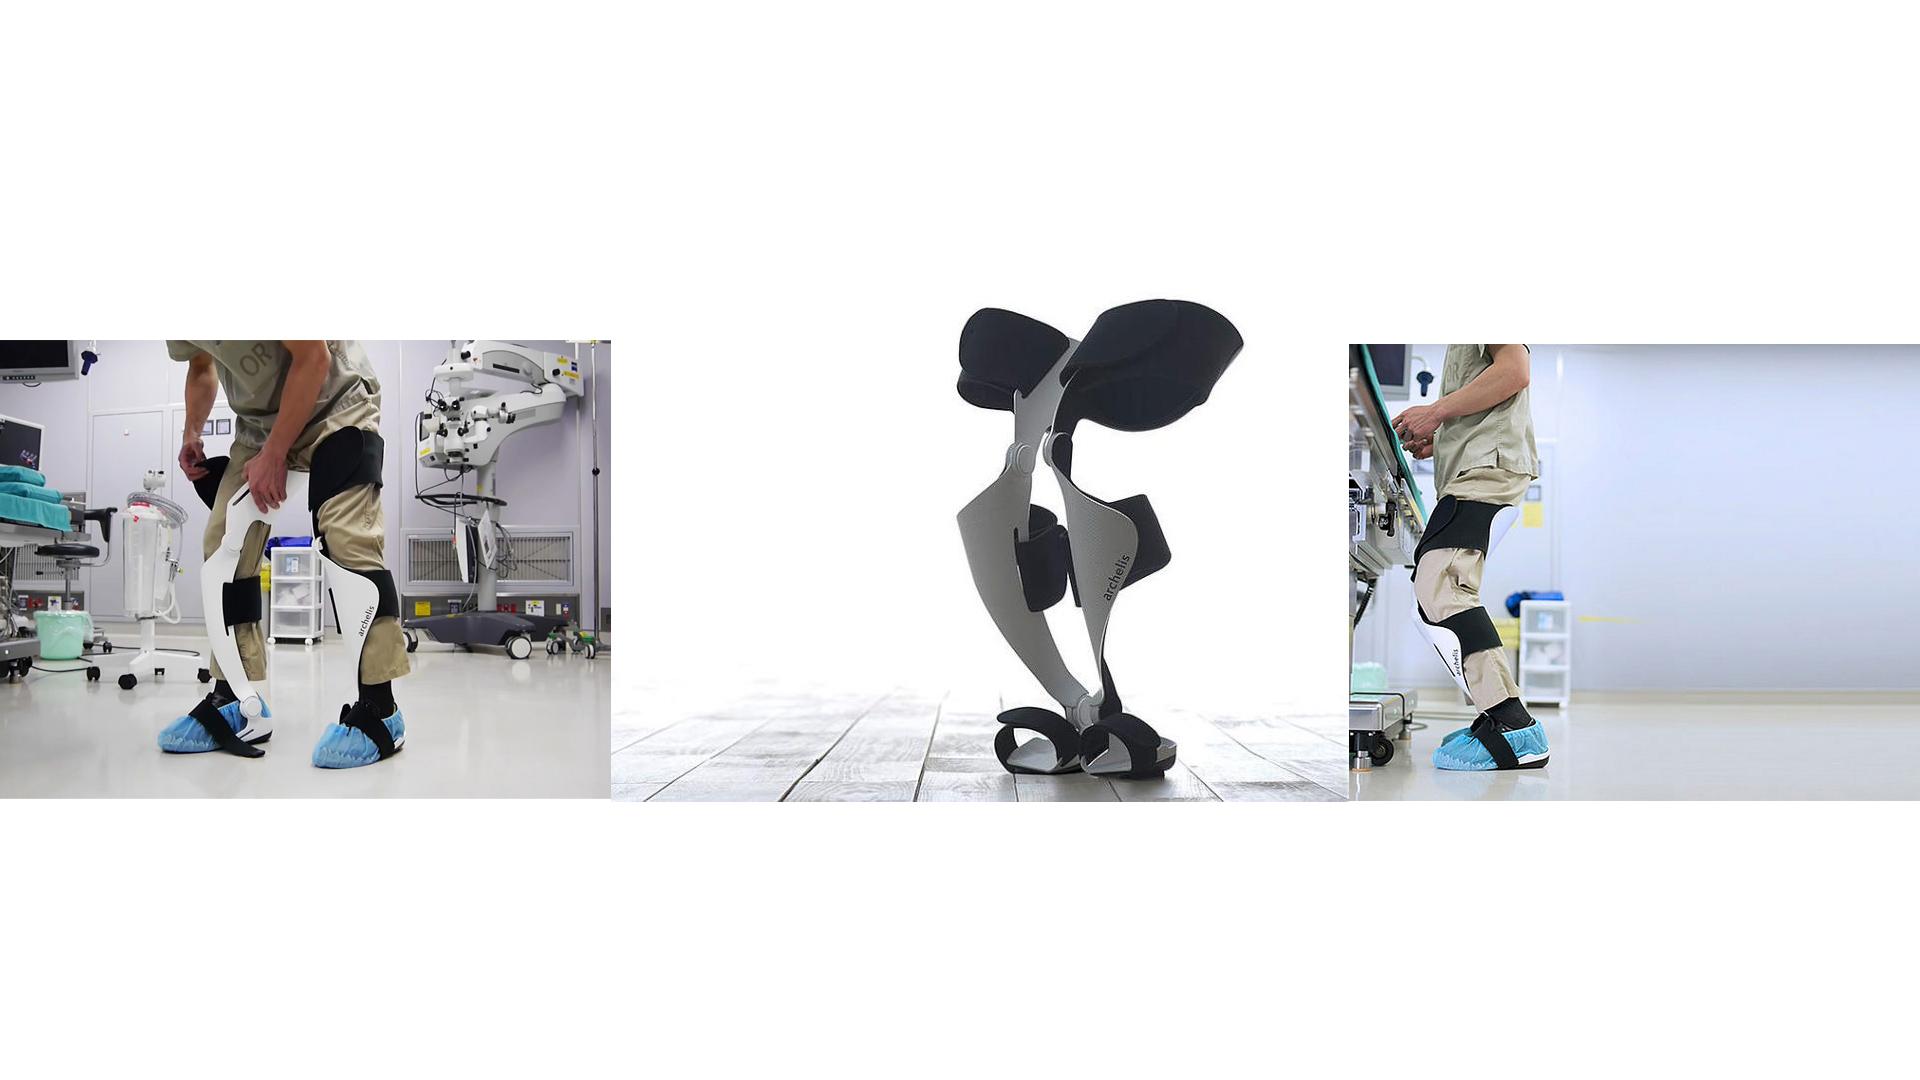 Se trata de un exoesqueleto que hace sencillo el estar parado durante horas, pues tus piernas solo realizarán un esfuerzo similar al de estar sentado